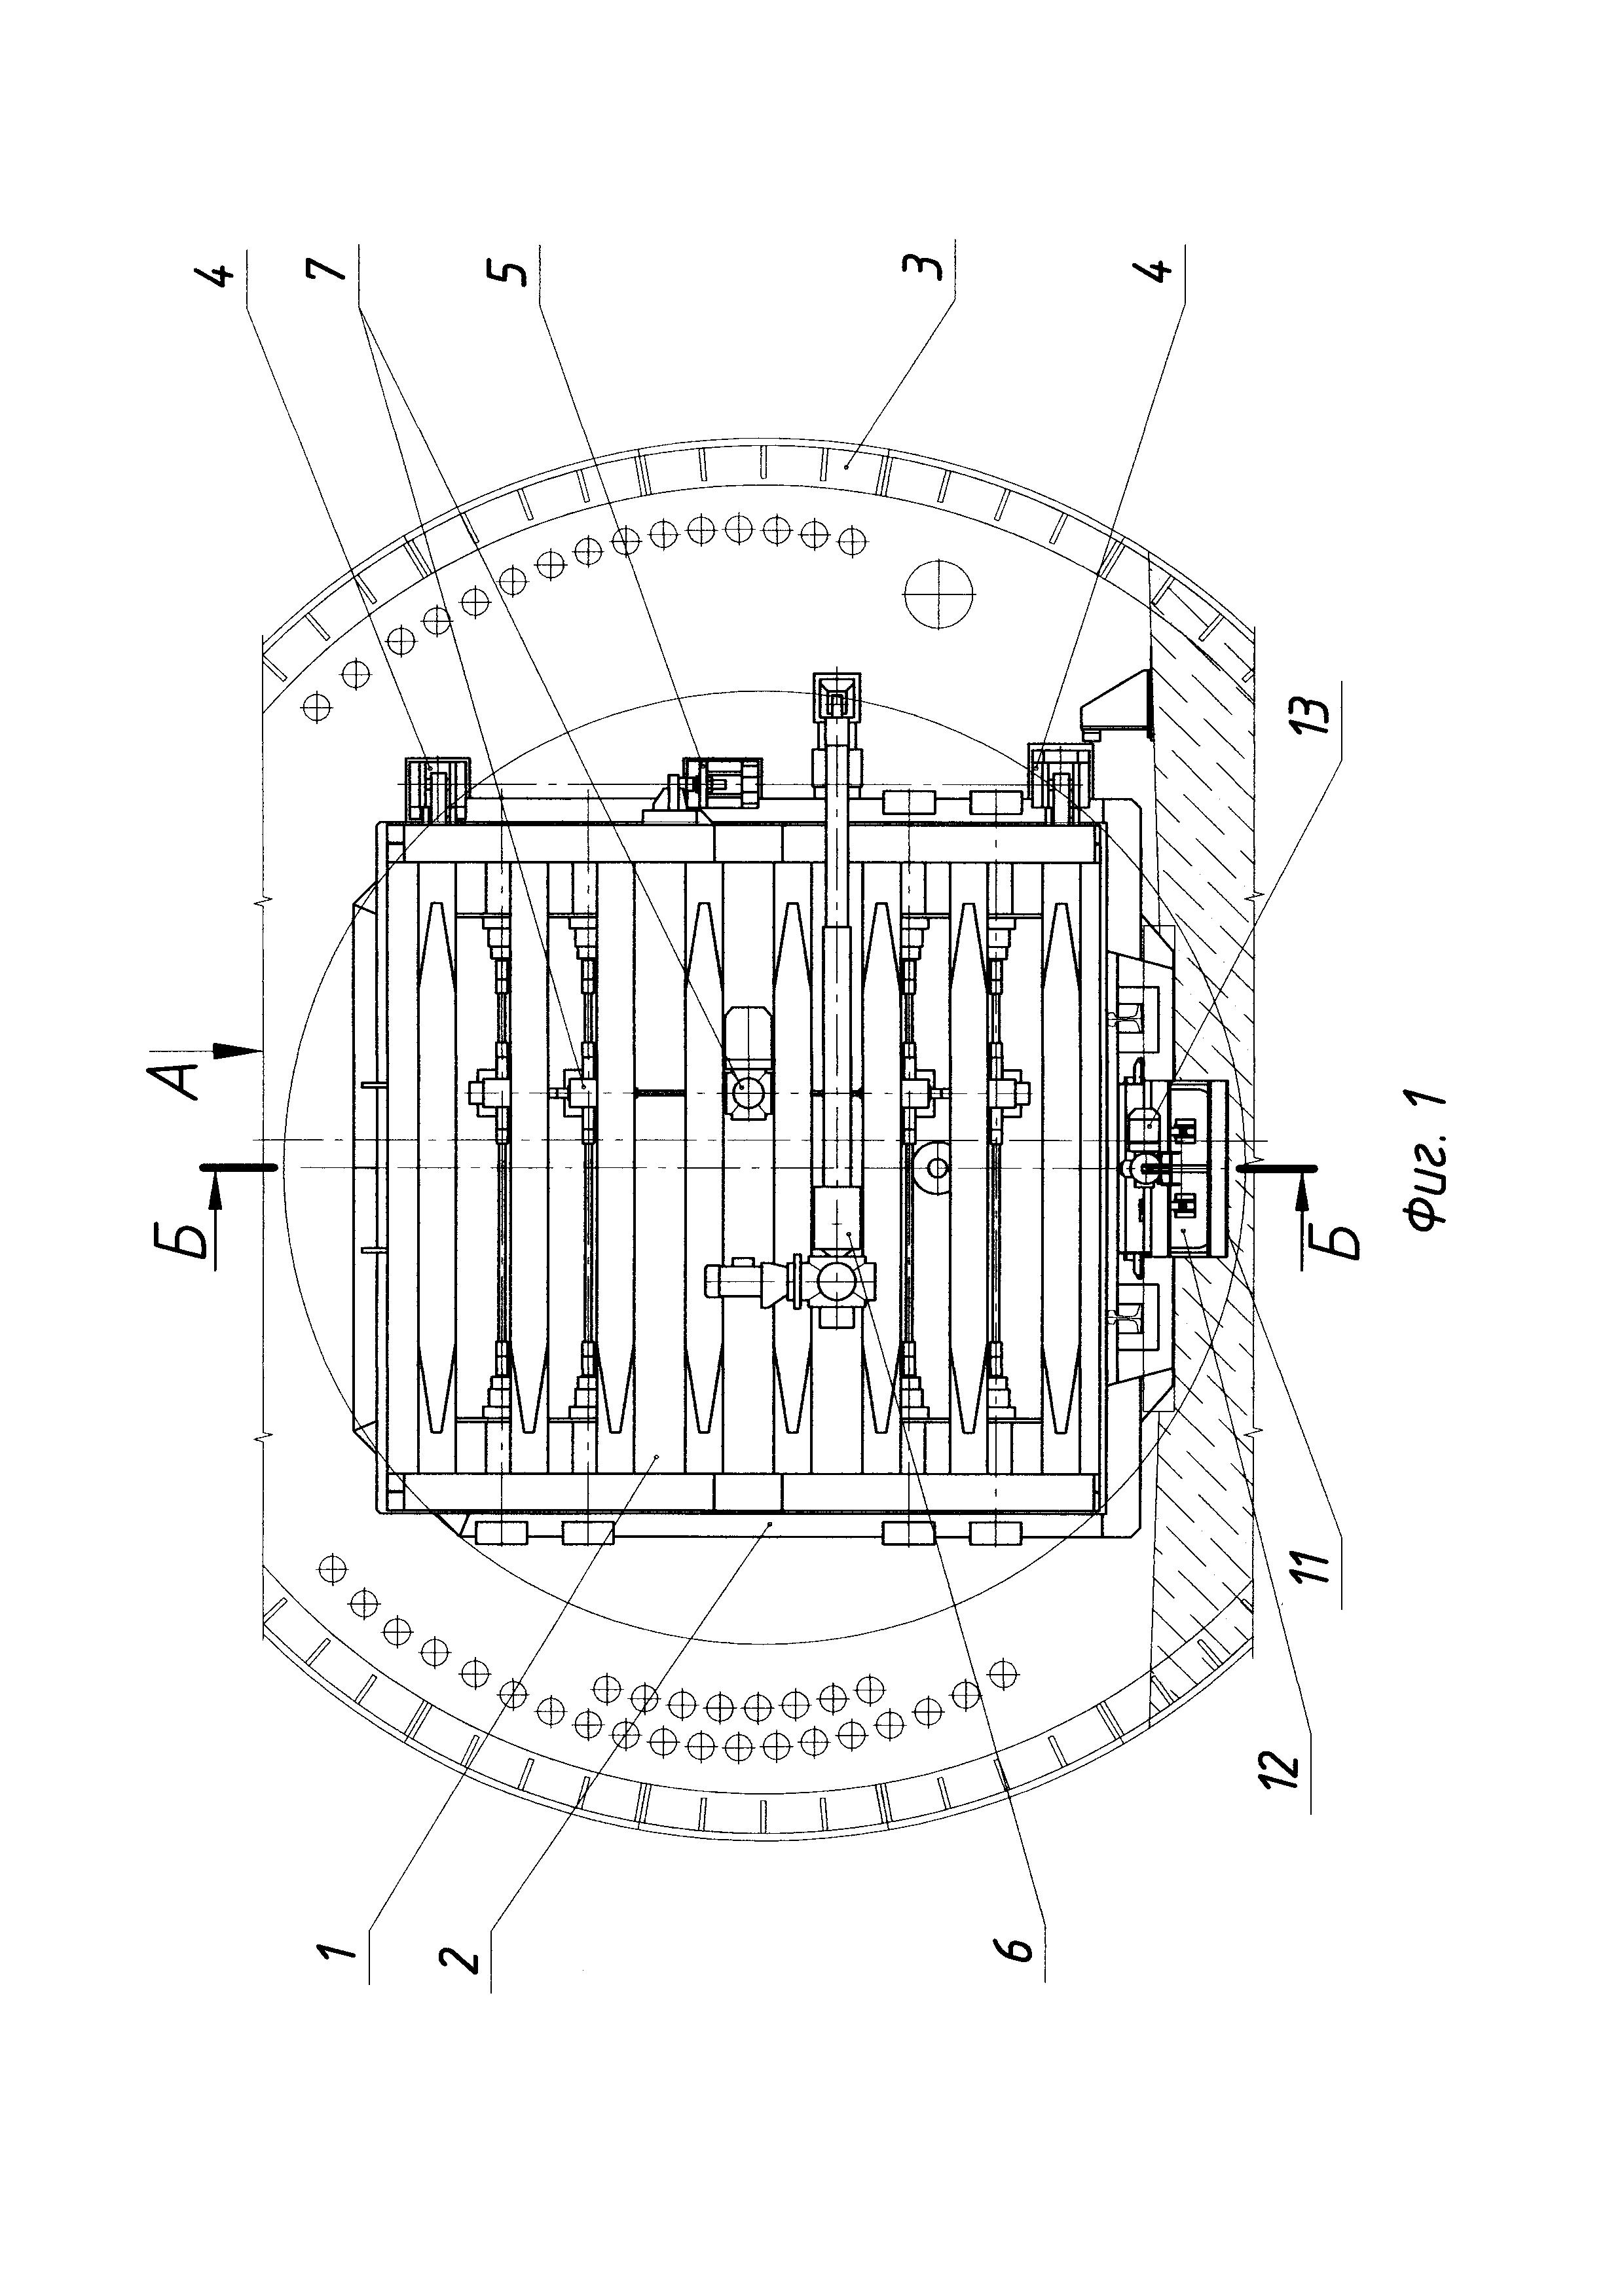 Затвор поворотный защитно-герметический для перегонного тоннеля метрополитена